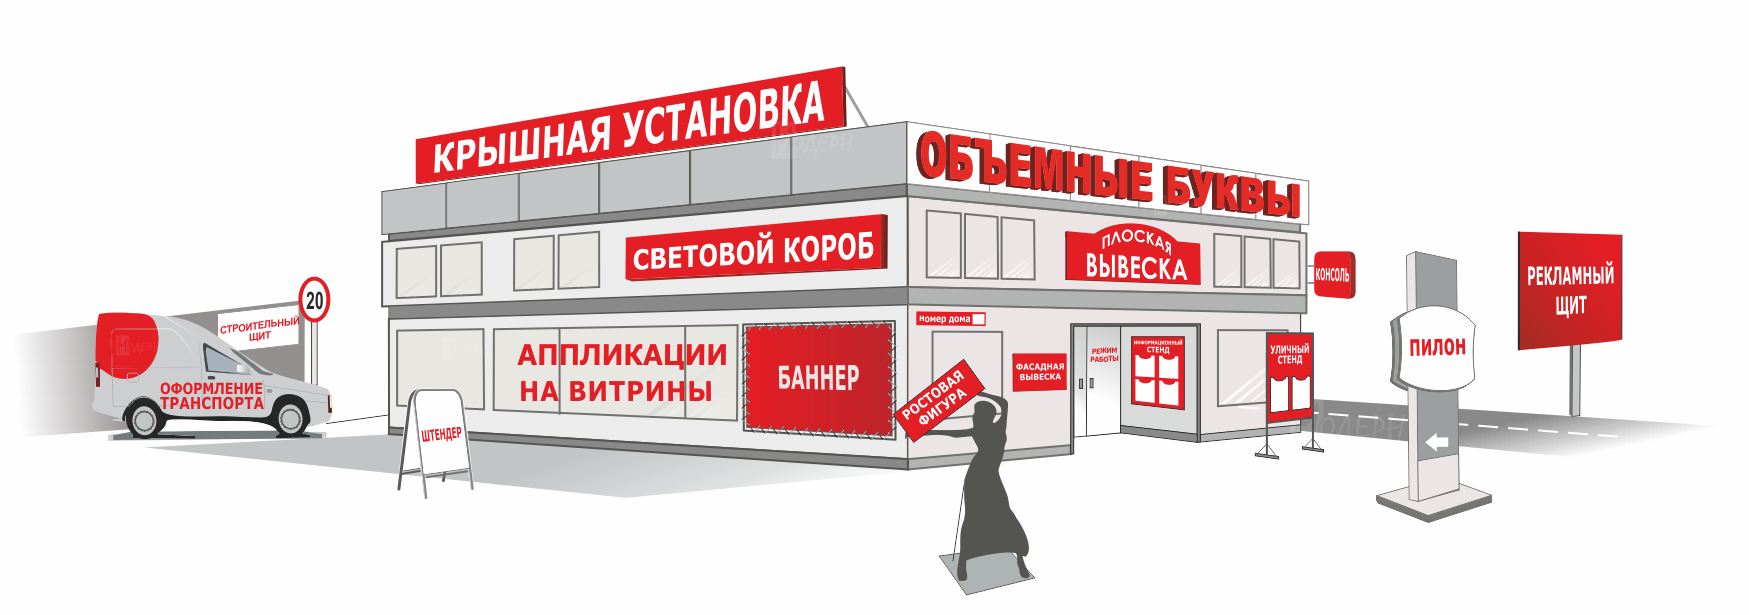 Размещение наружной рекламы: основные моменты, плюсы для заказчика